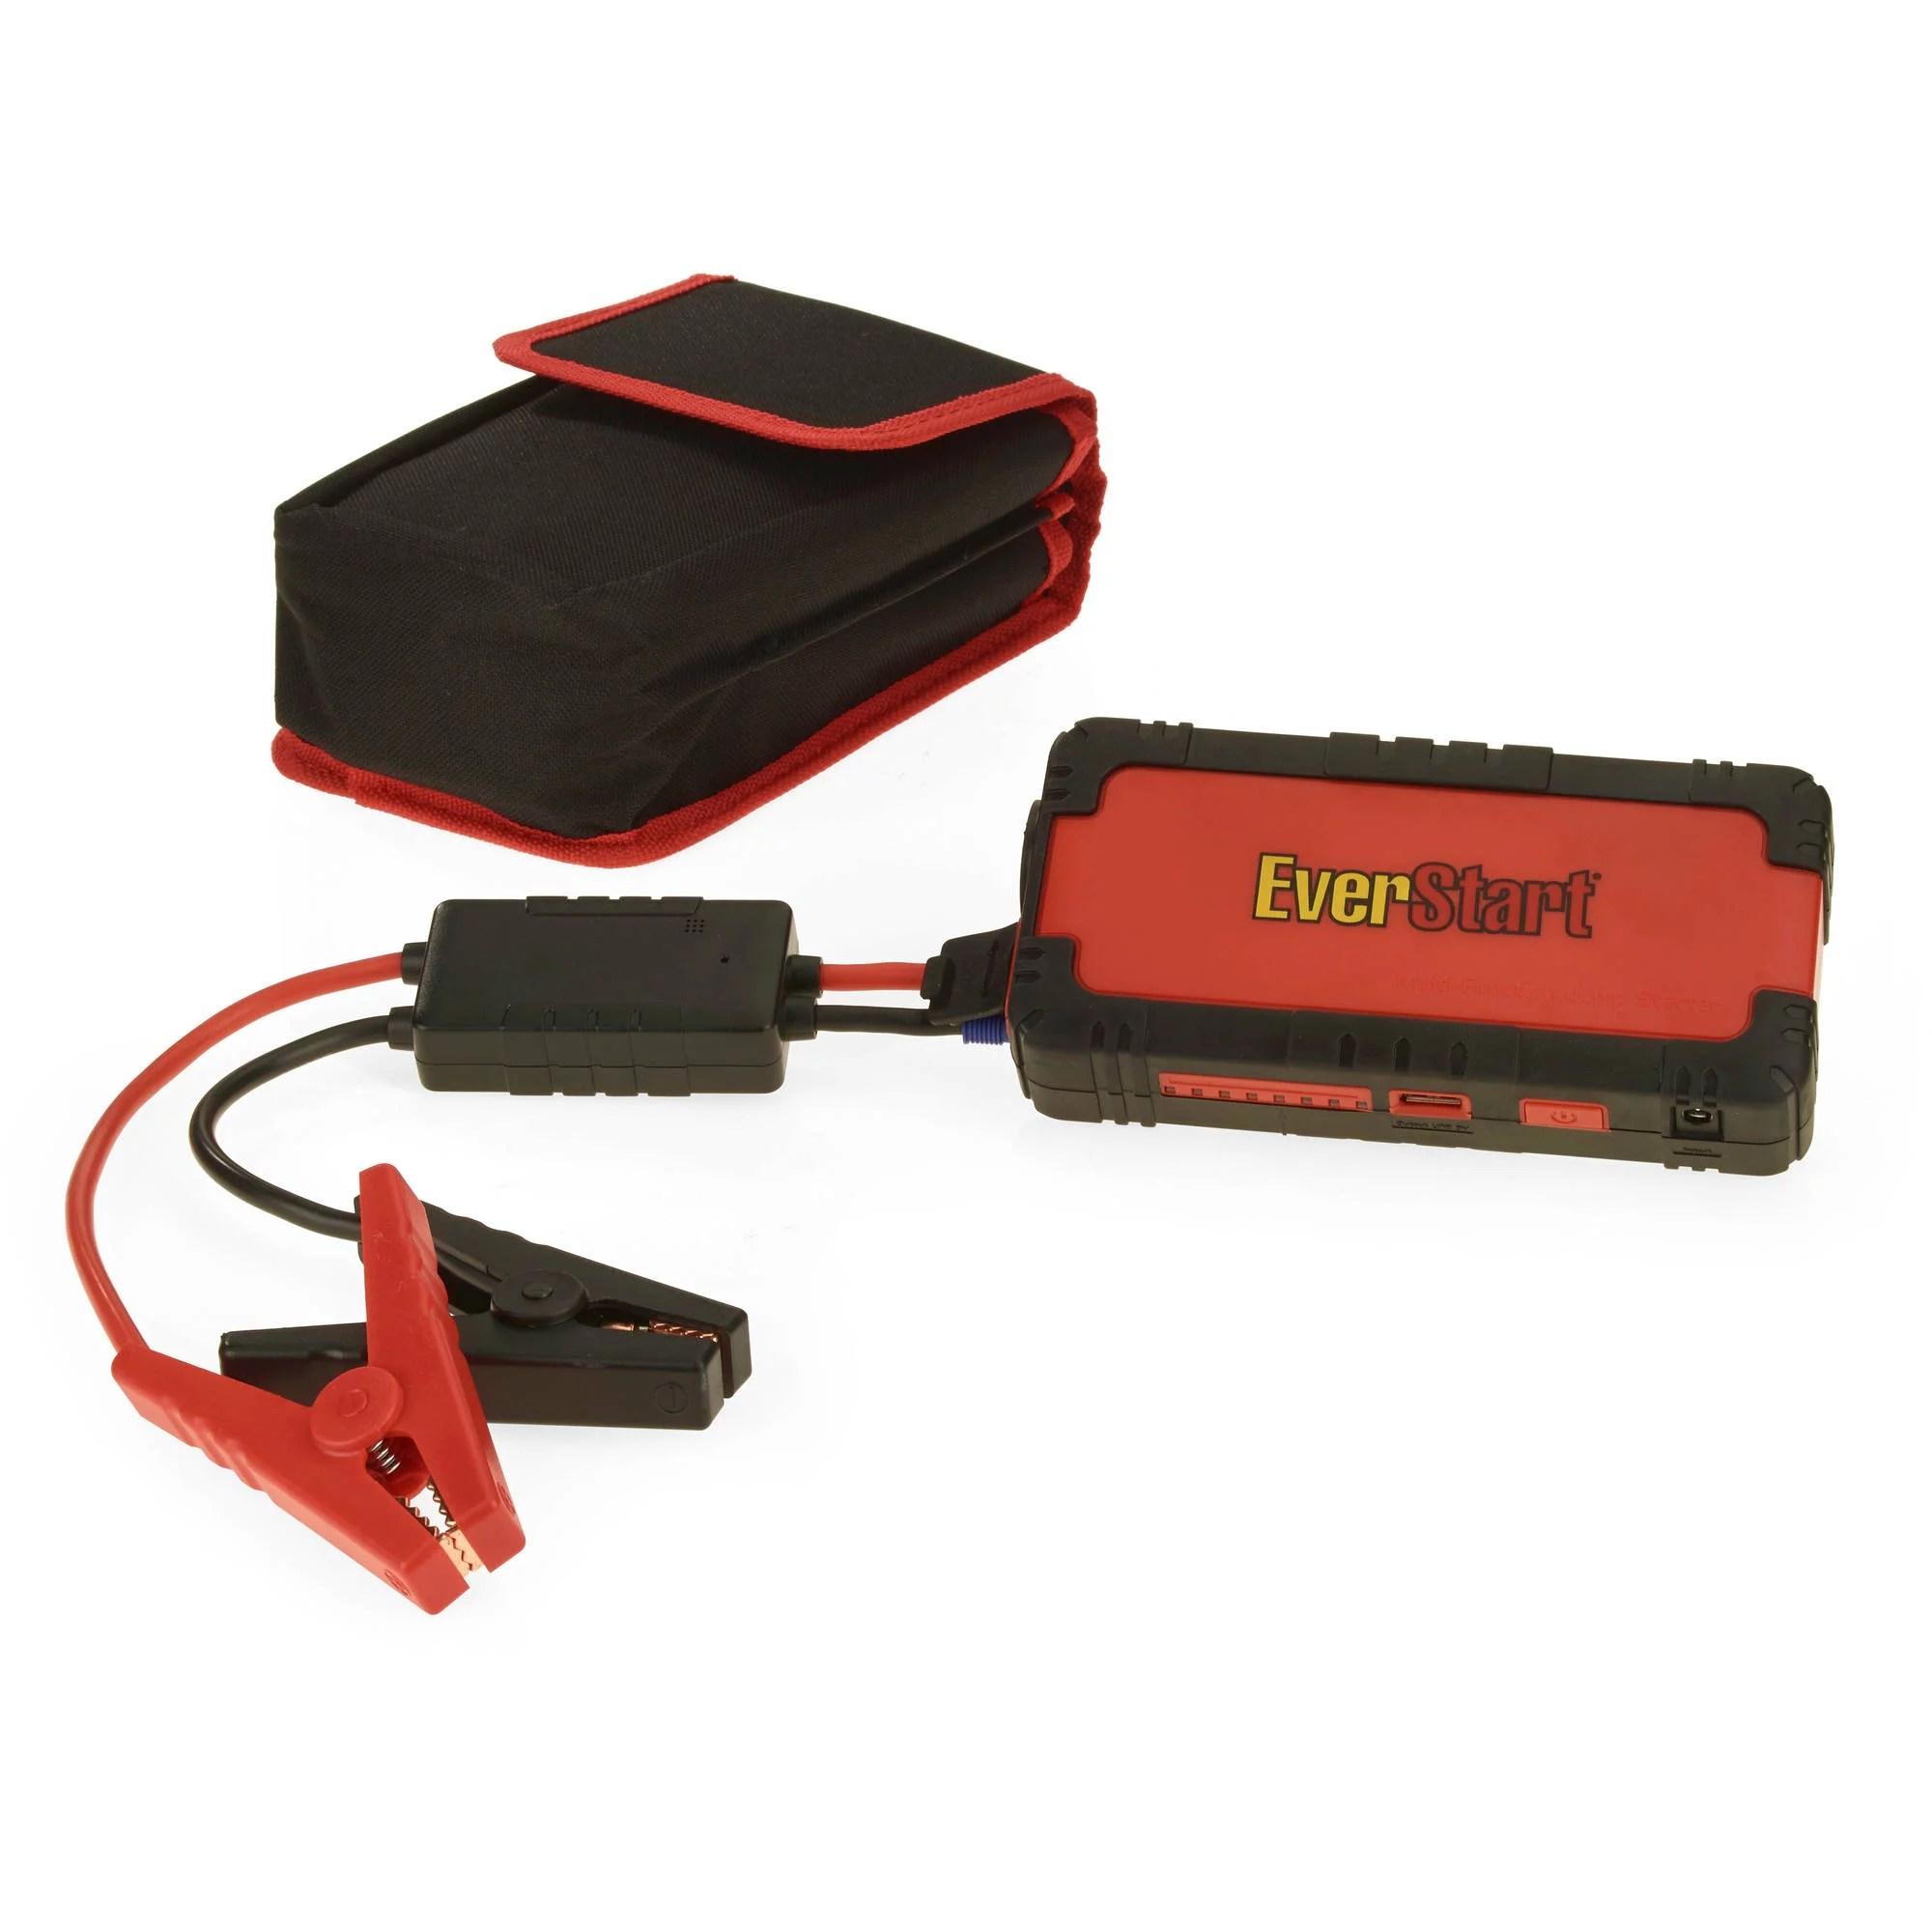 everstart multi function jump starter battery charger schumacher battery charger wiring diagram wiring diagram everstart 200 battery charger [ 2000 x 2000 Pixel ]